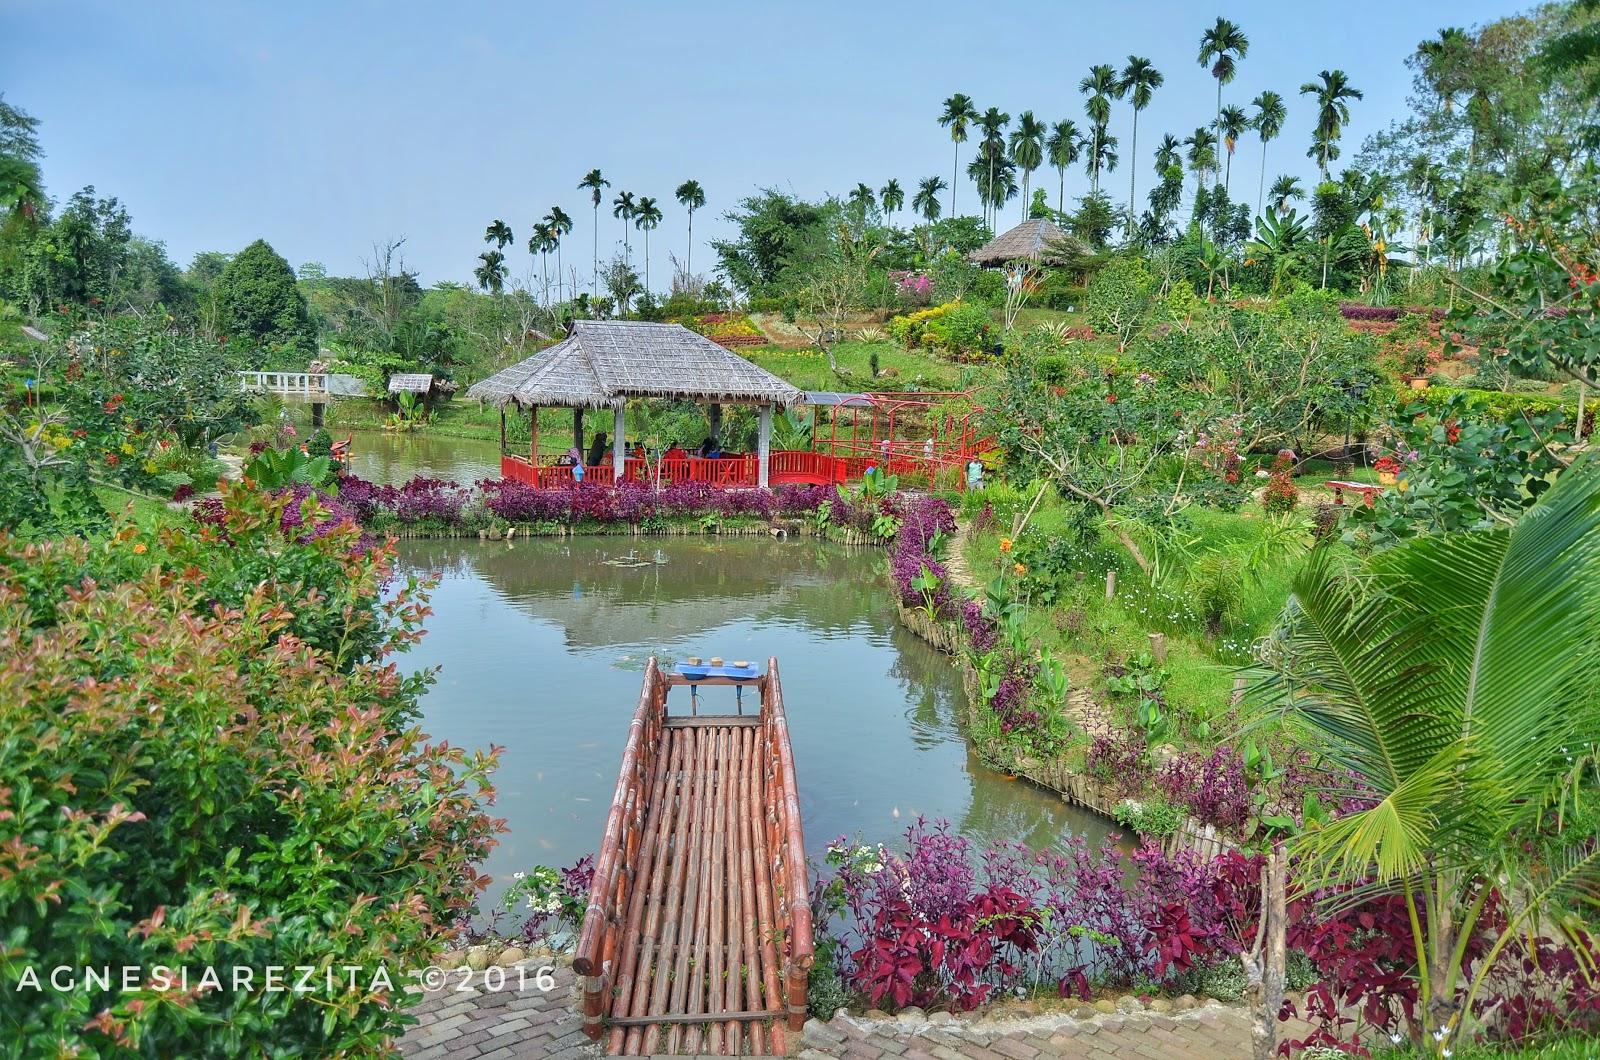 Le Hu Garden Taman Kekinian Menikmati Akhir Pekan Memancing Ikan